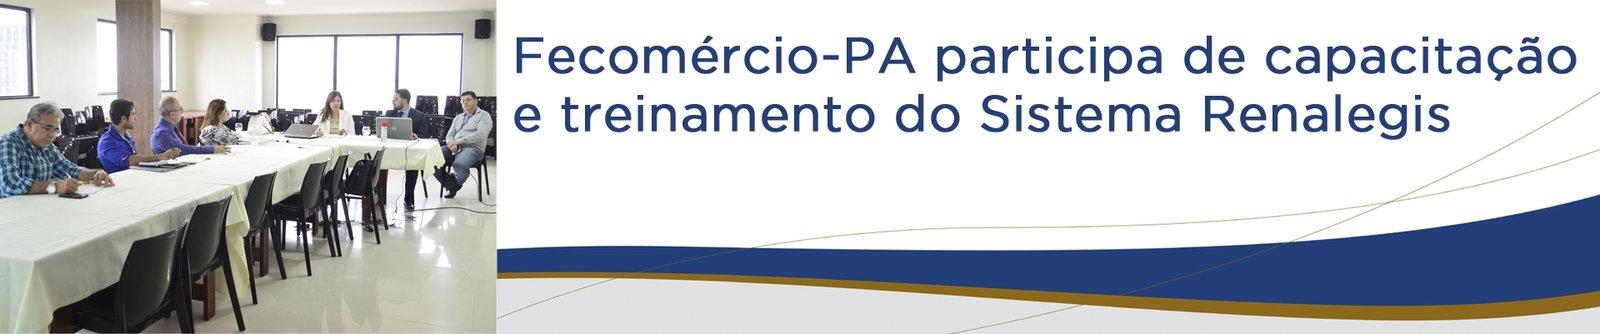 Fecomércio-PA participa de capacitação e treinamento do Sistema Renalegis